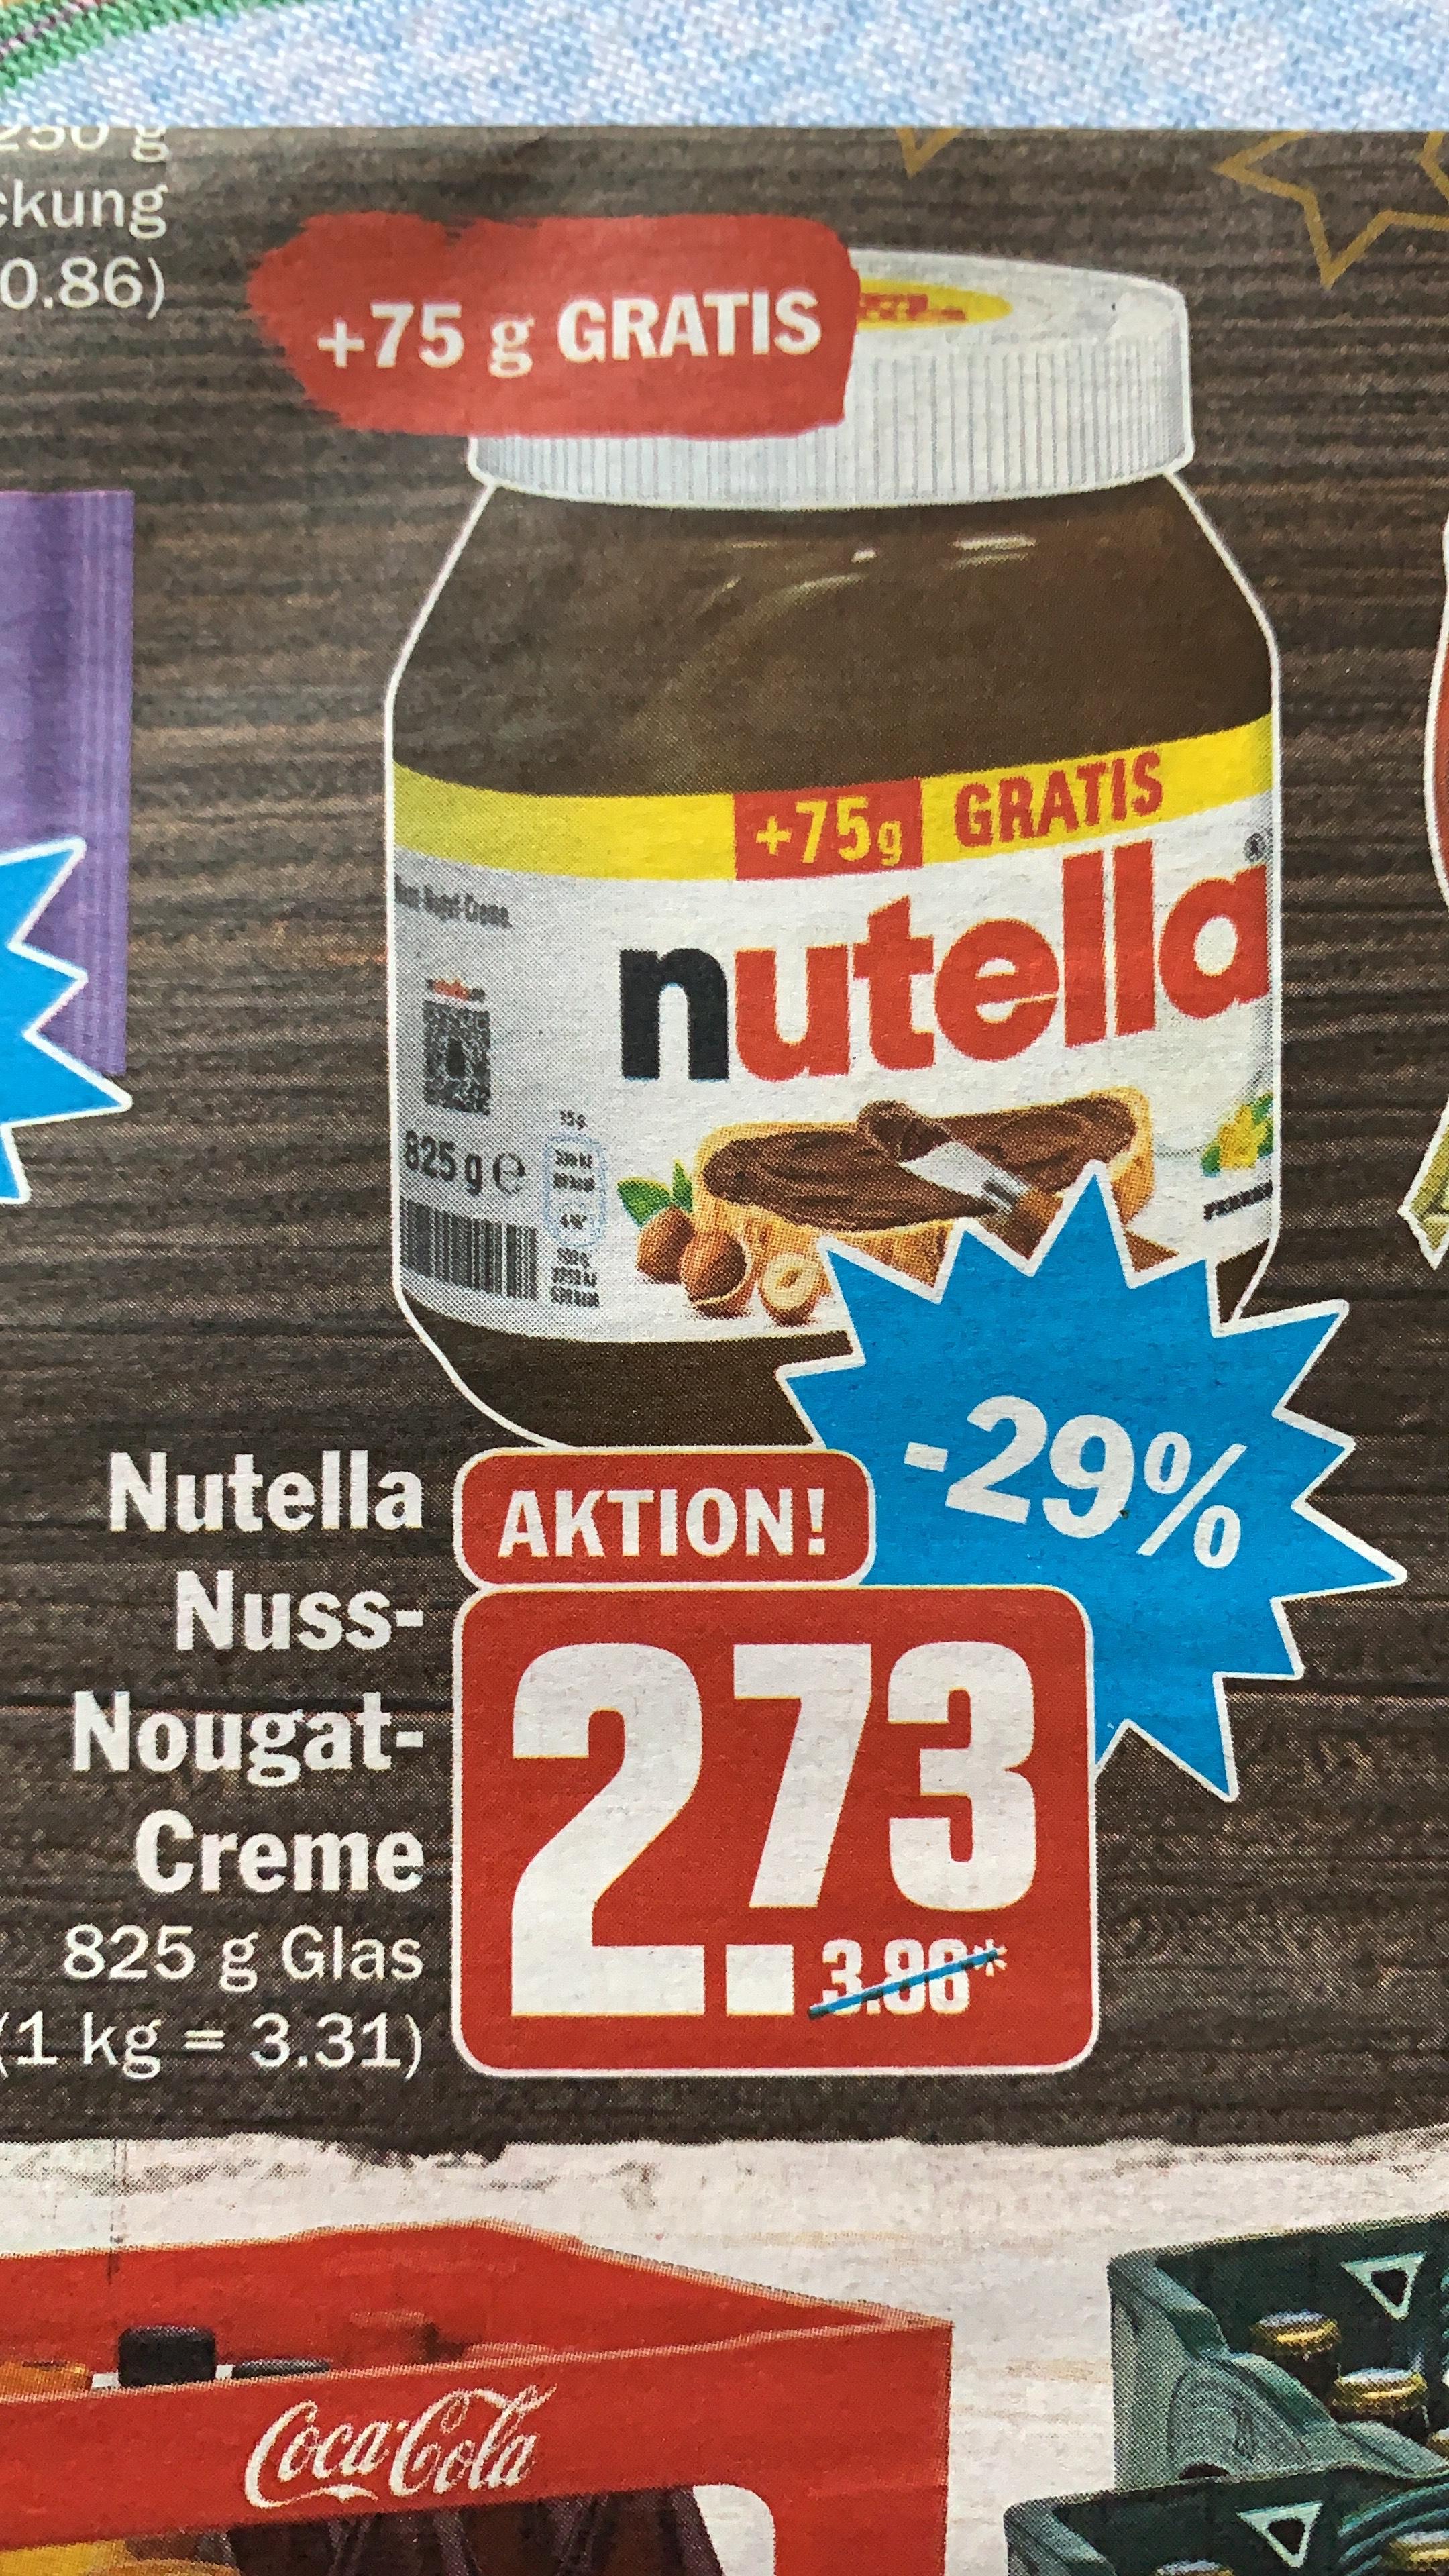 [Lokal 63225 Langen - HiT] Nutella 750g+75g=825g